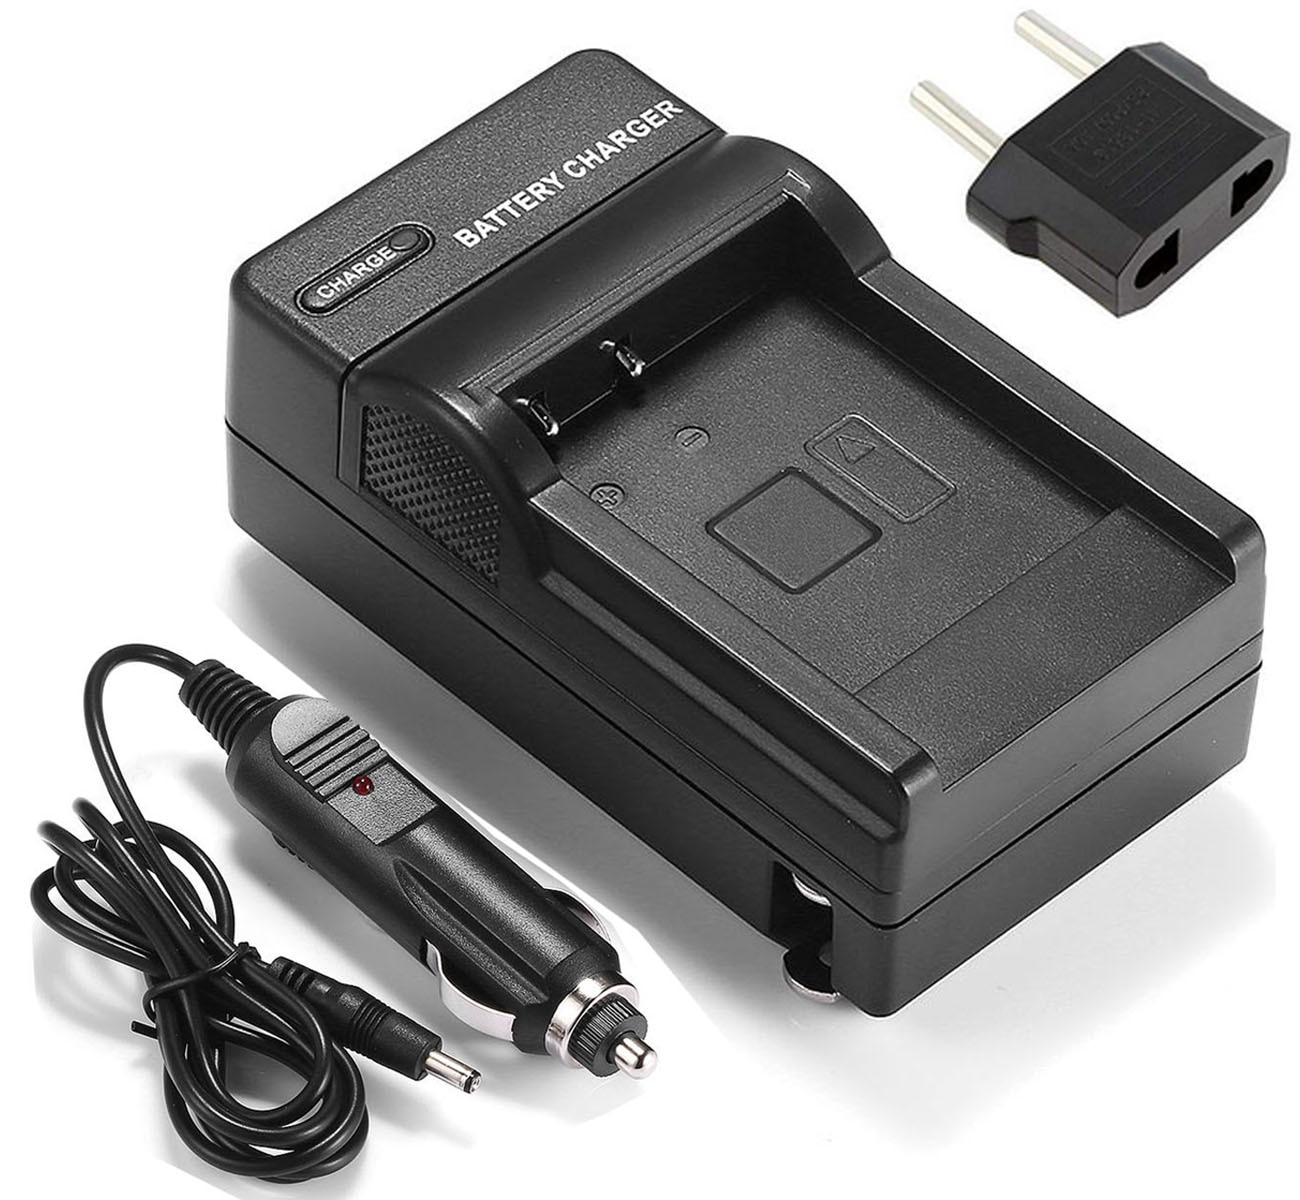 Carregador de Bateria para Pentax Dli88 e Pentax Optio W90 Ws80 Câmera Digital D-li88 H90 P70 P80